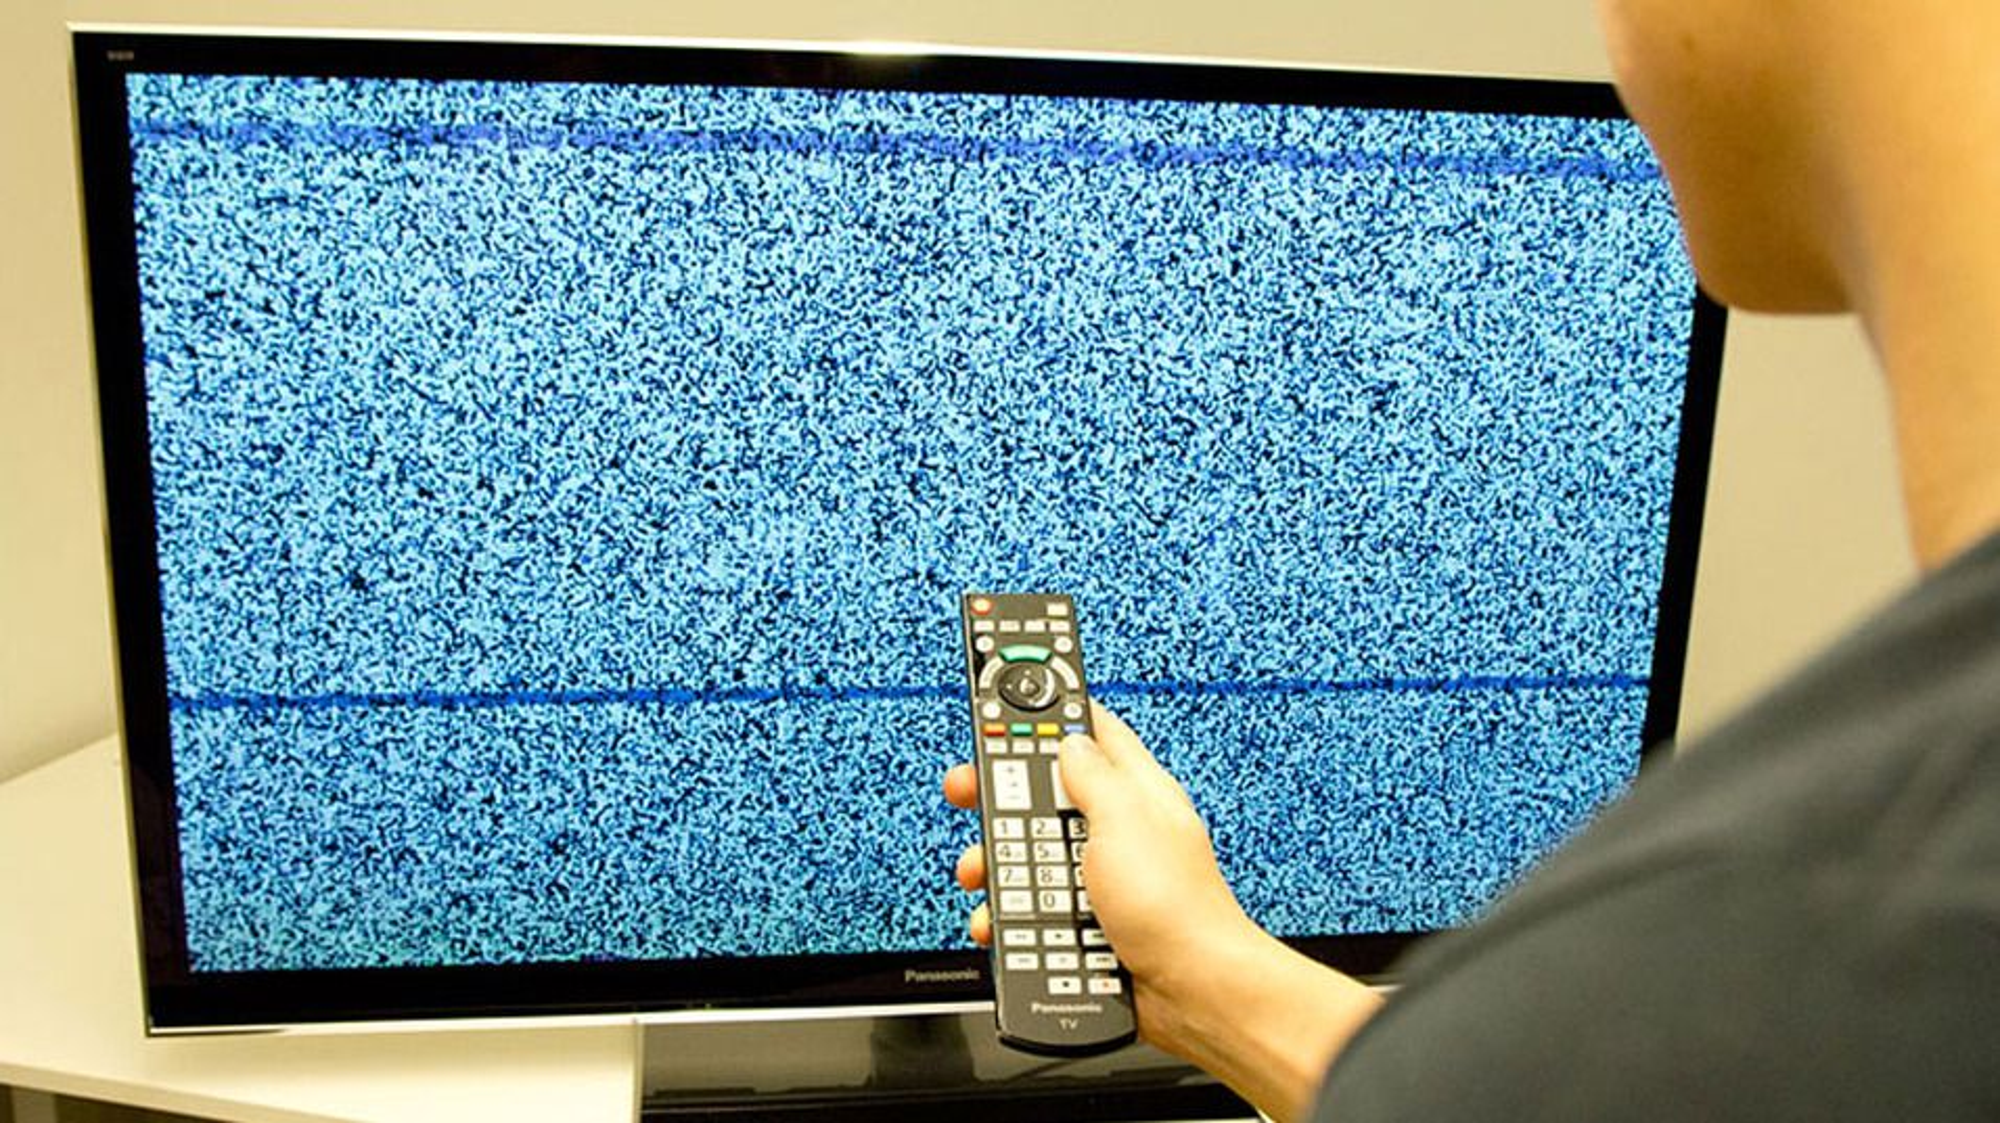 Mobiloperatørene må betale for tv-støy